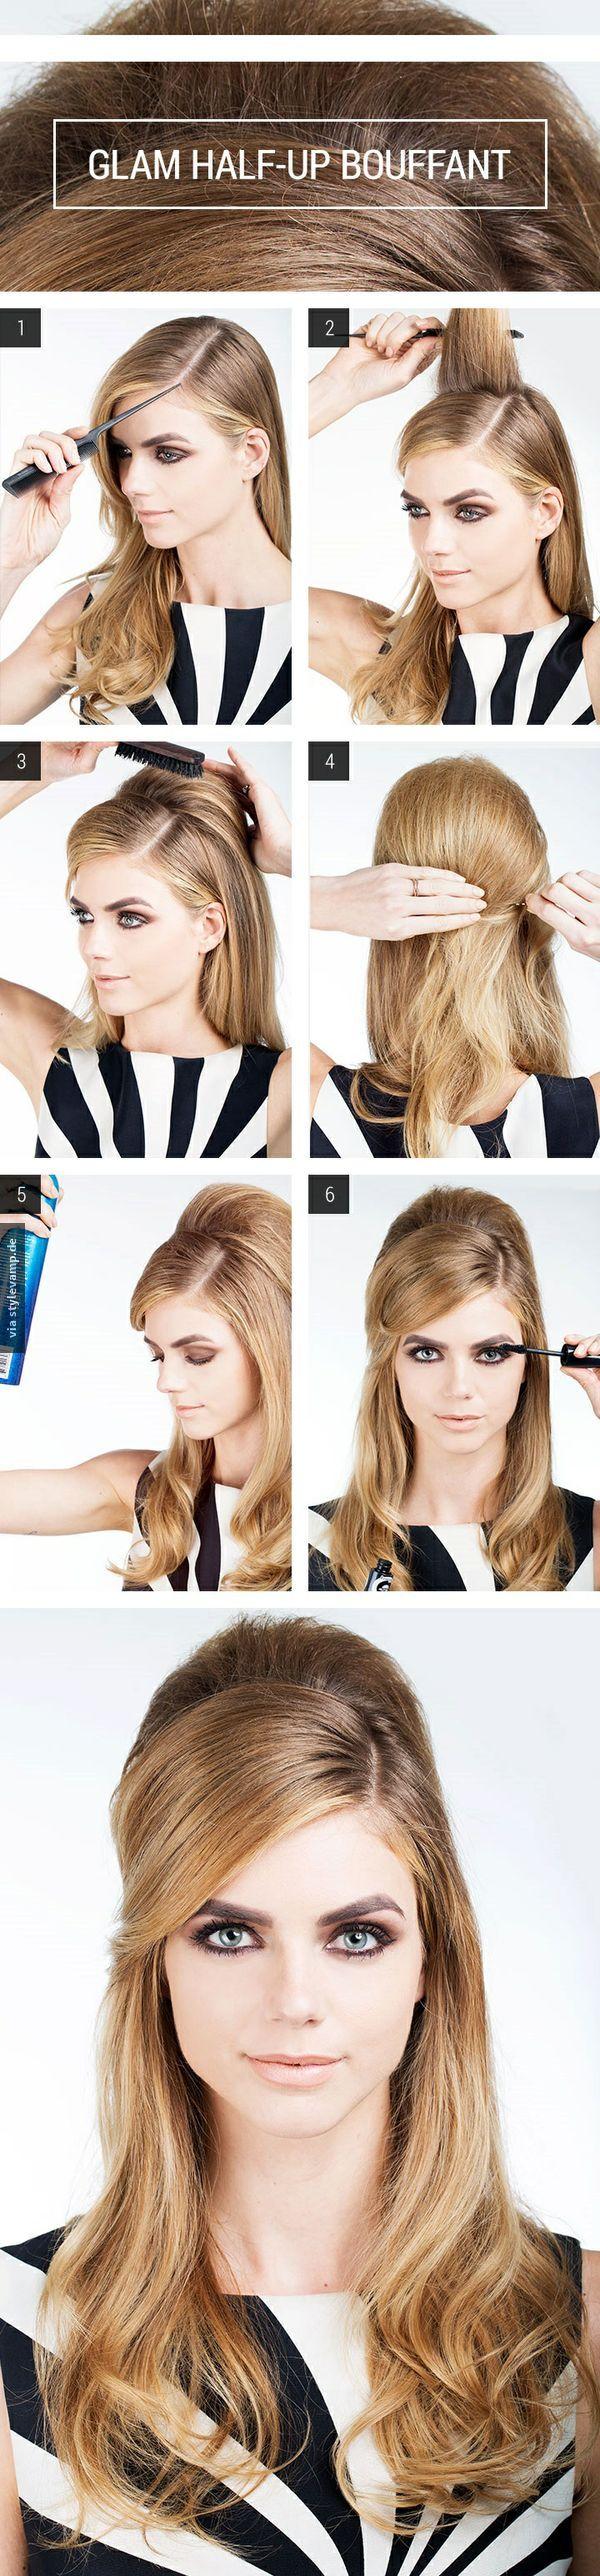 Glamour für die Haare